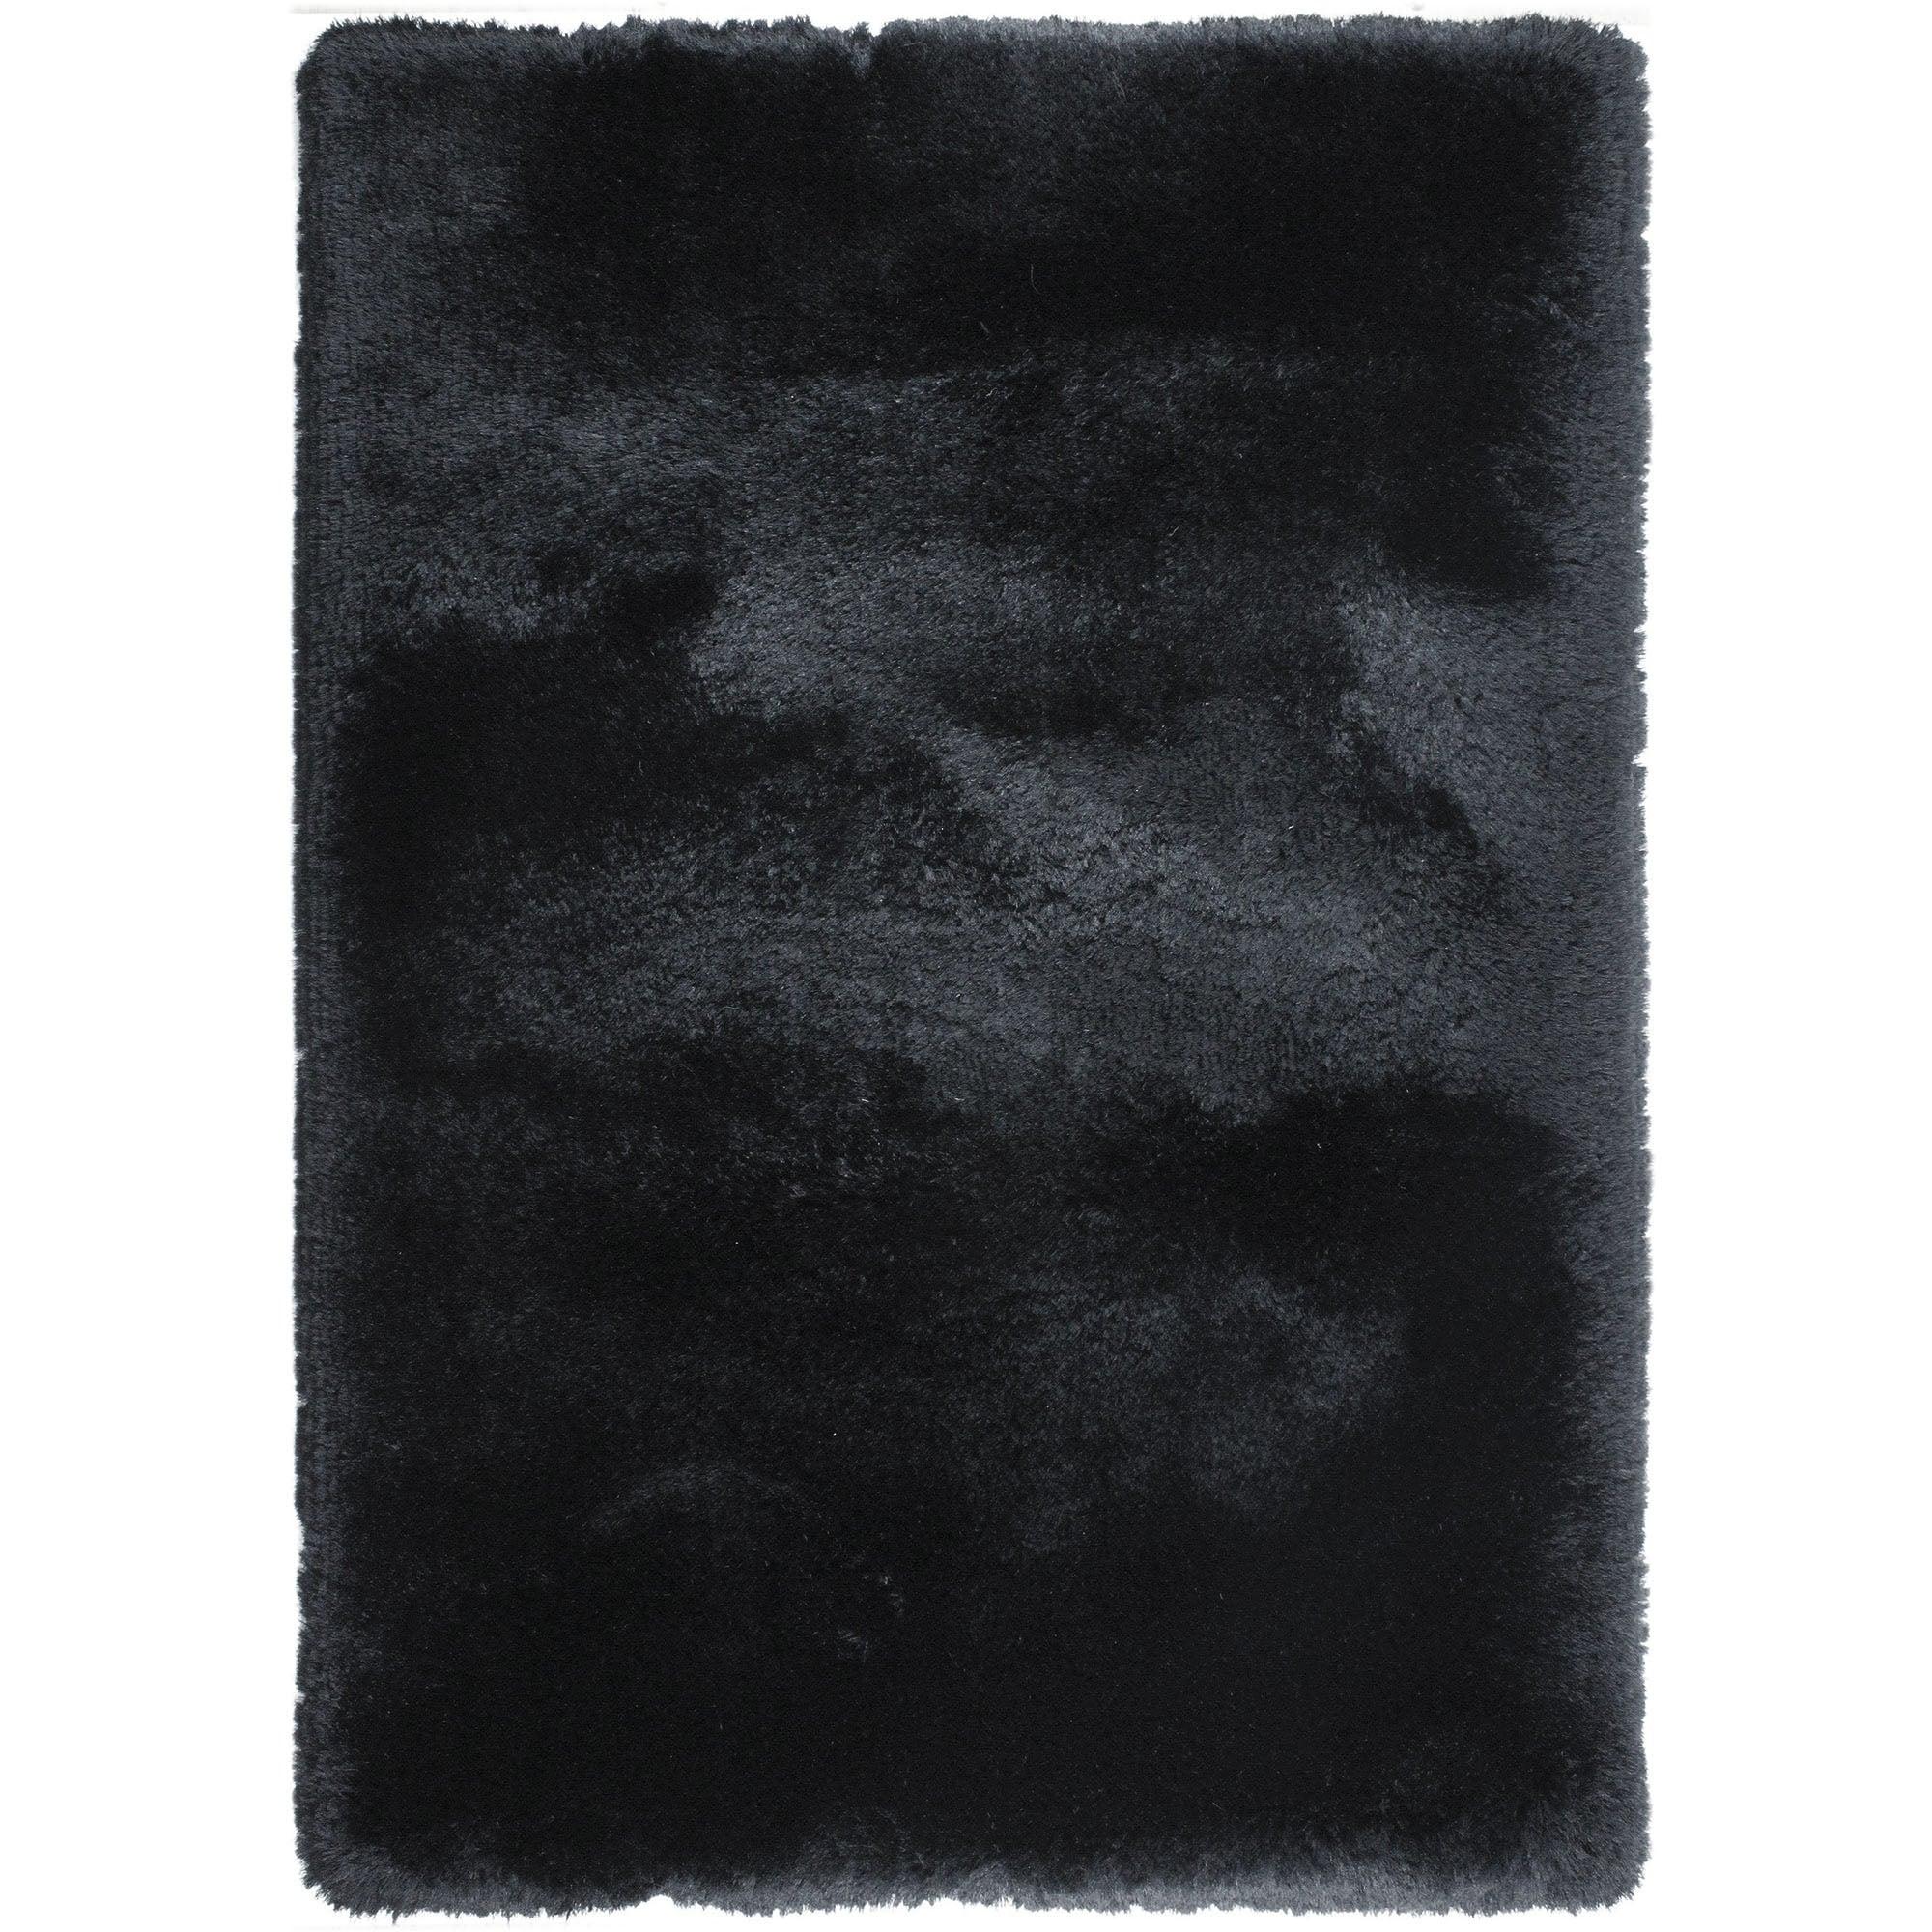 Image of Extra Large Grandeur Rug Grandeur Black